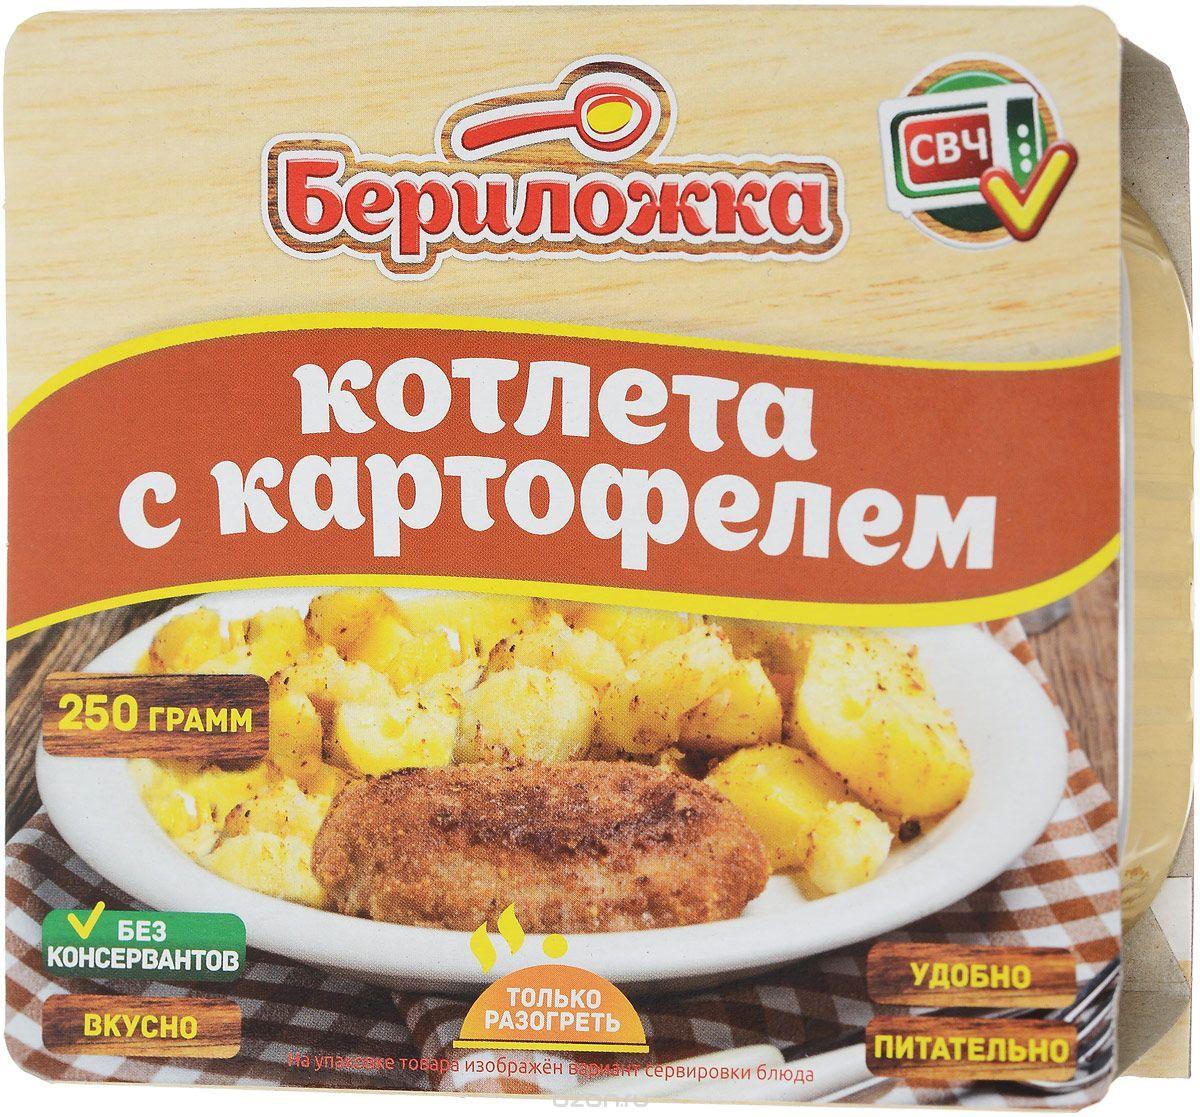 Котлета Бериложка с картофелем